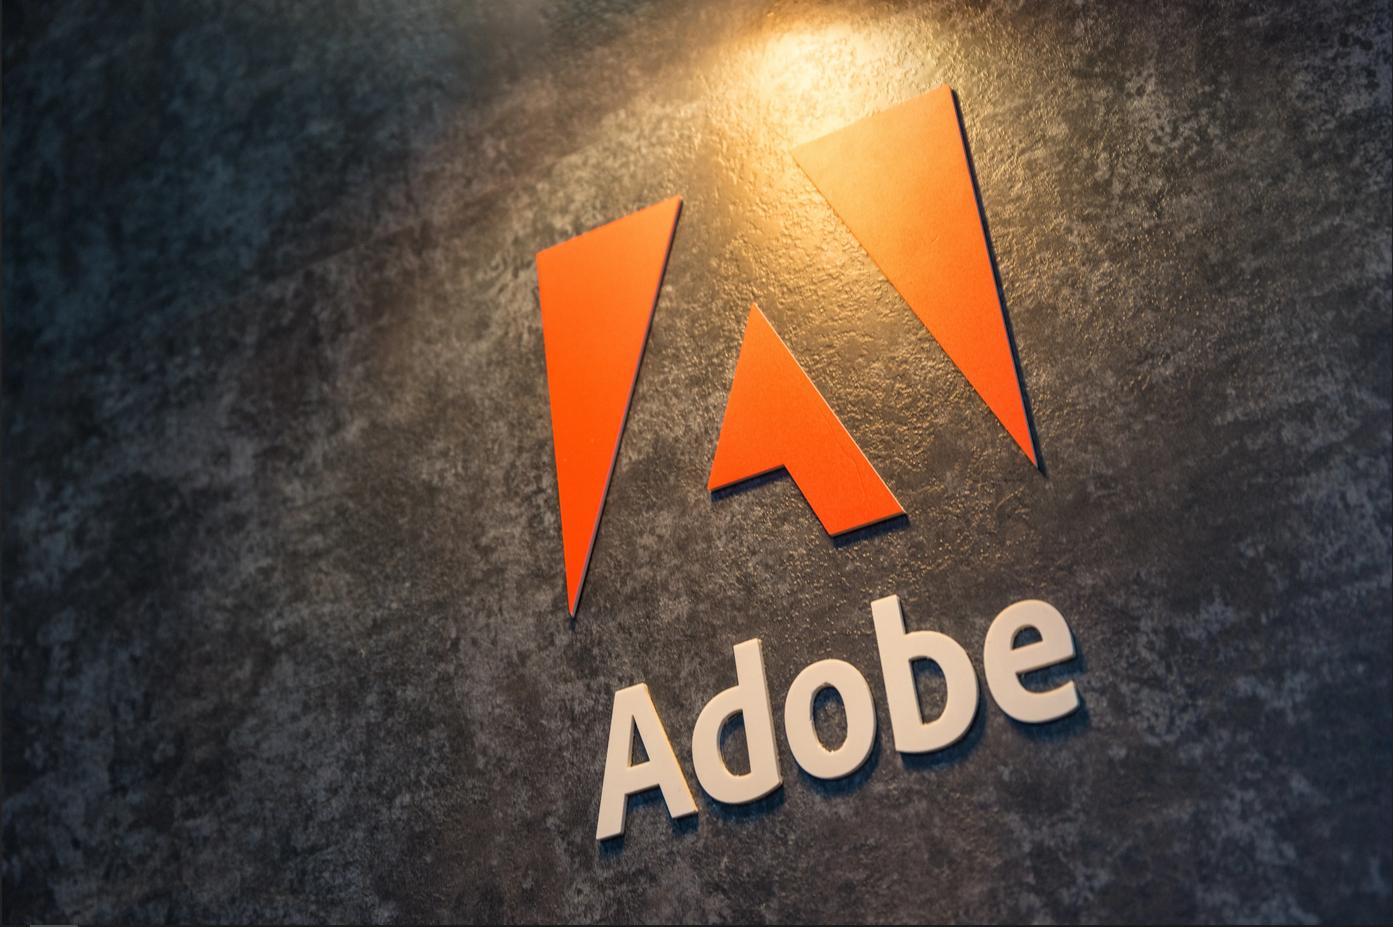 Adobe mira experiência B2B e entra mercado de meio de pagamentos para e-commerce